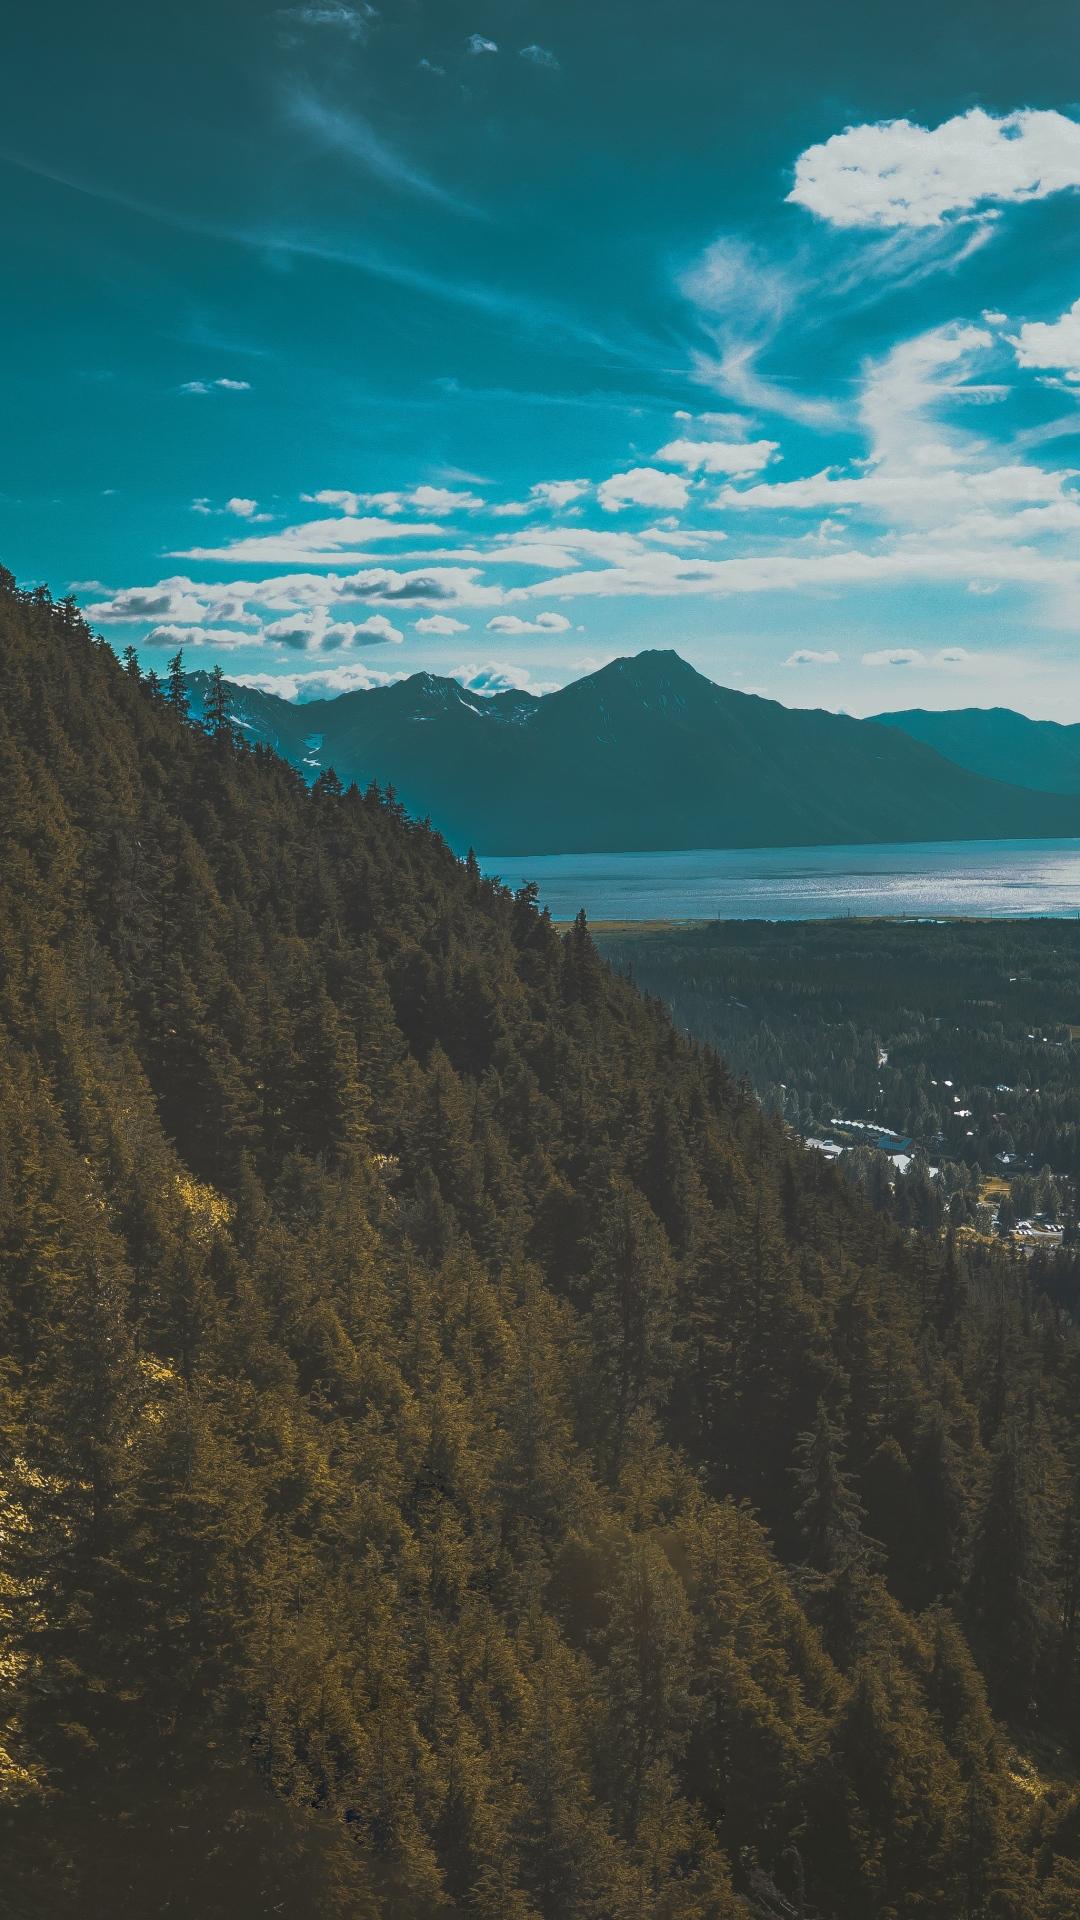 mountains lake trees sky 117283 1080x1920 Mountain